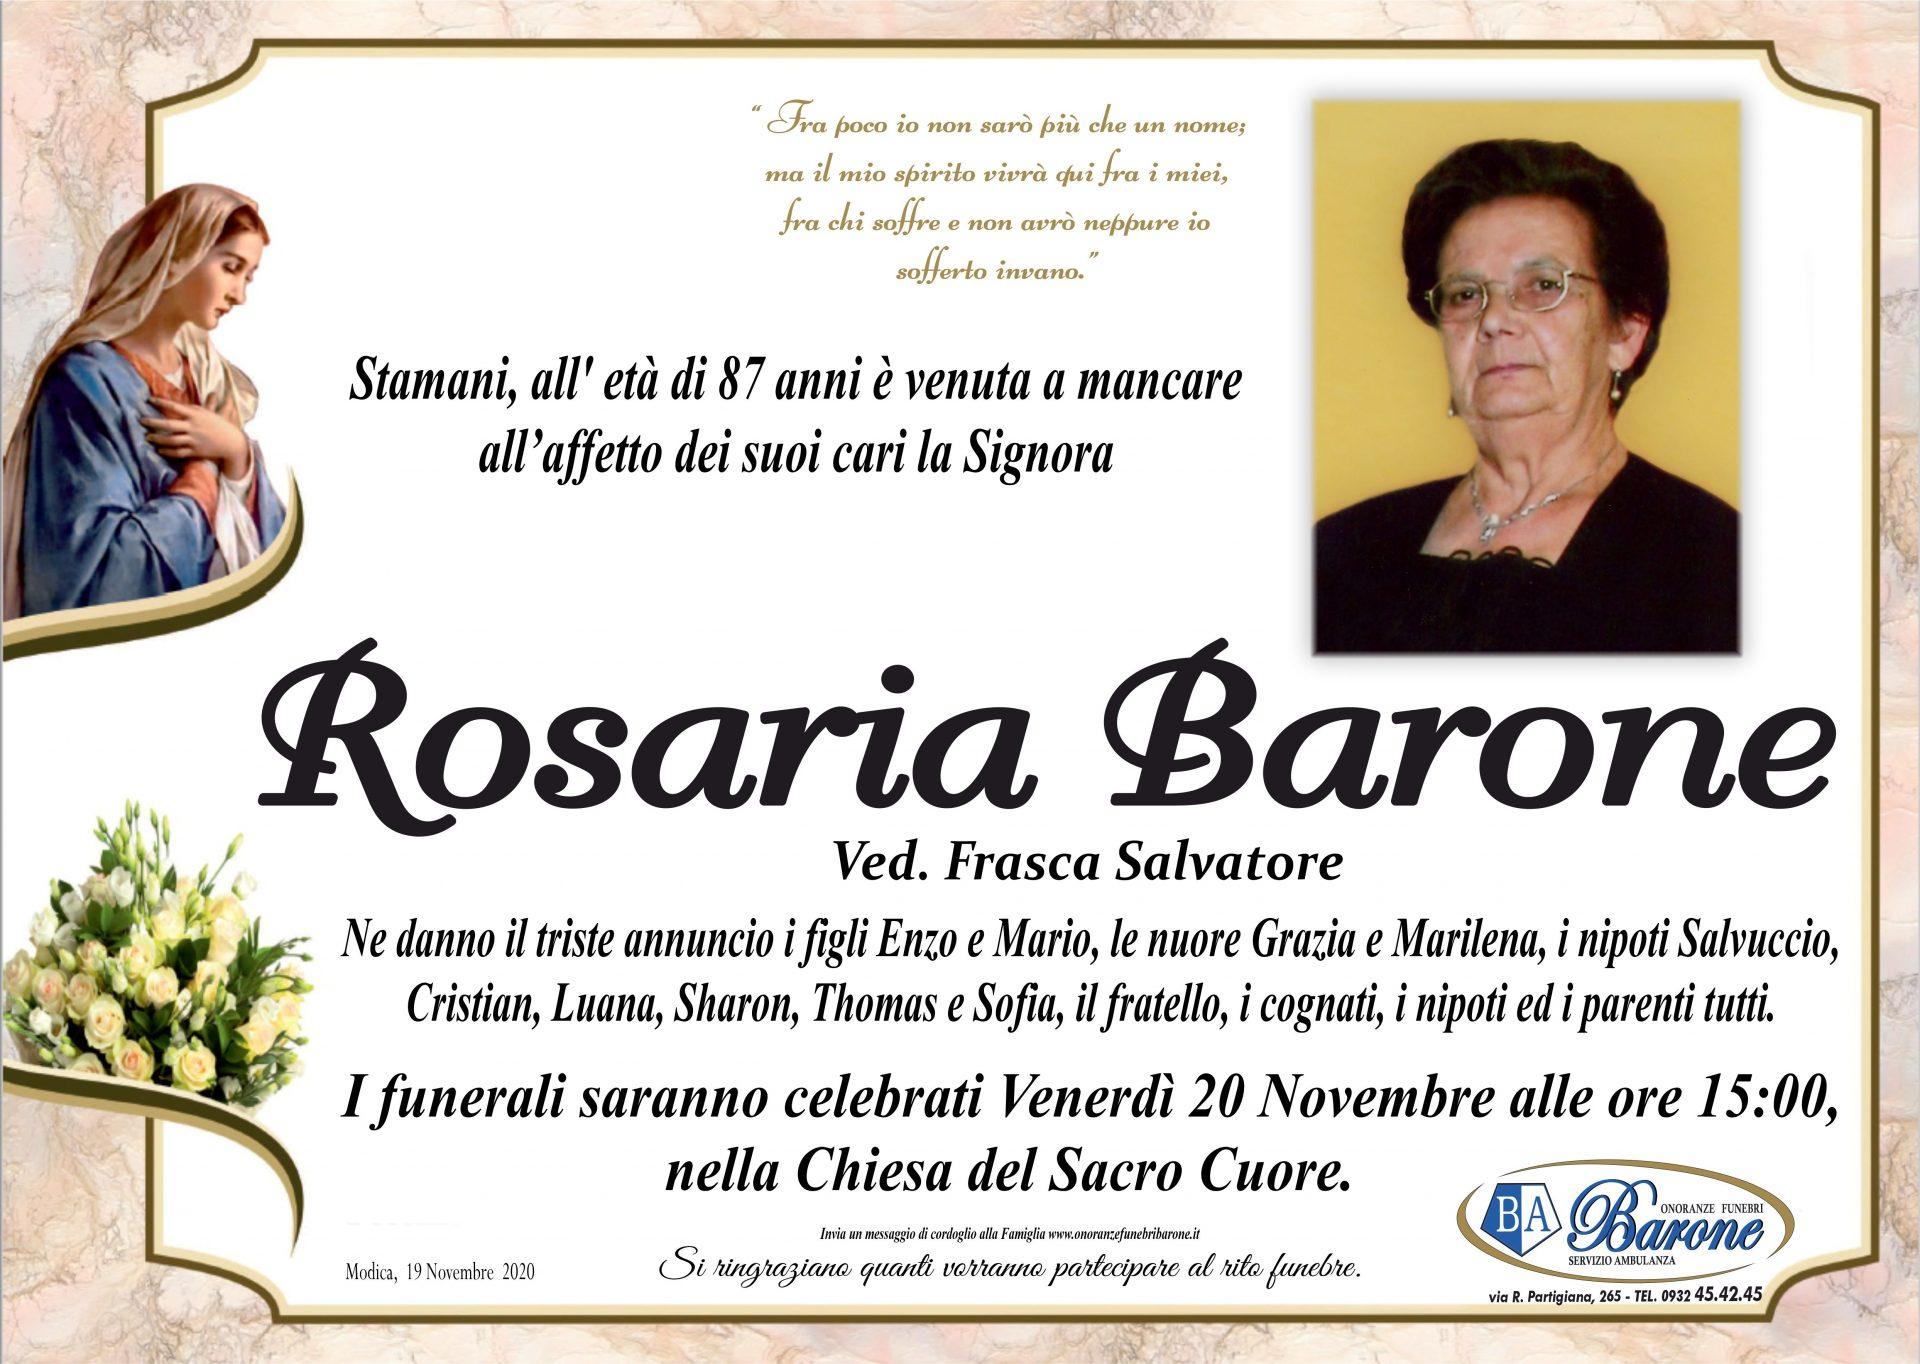 Rosaria Barone